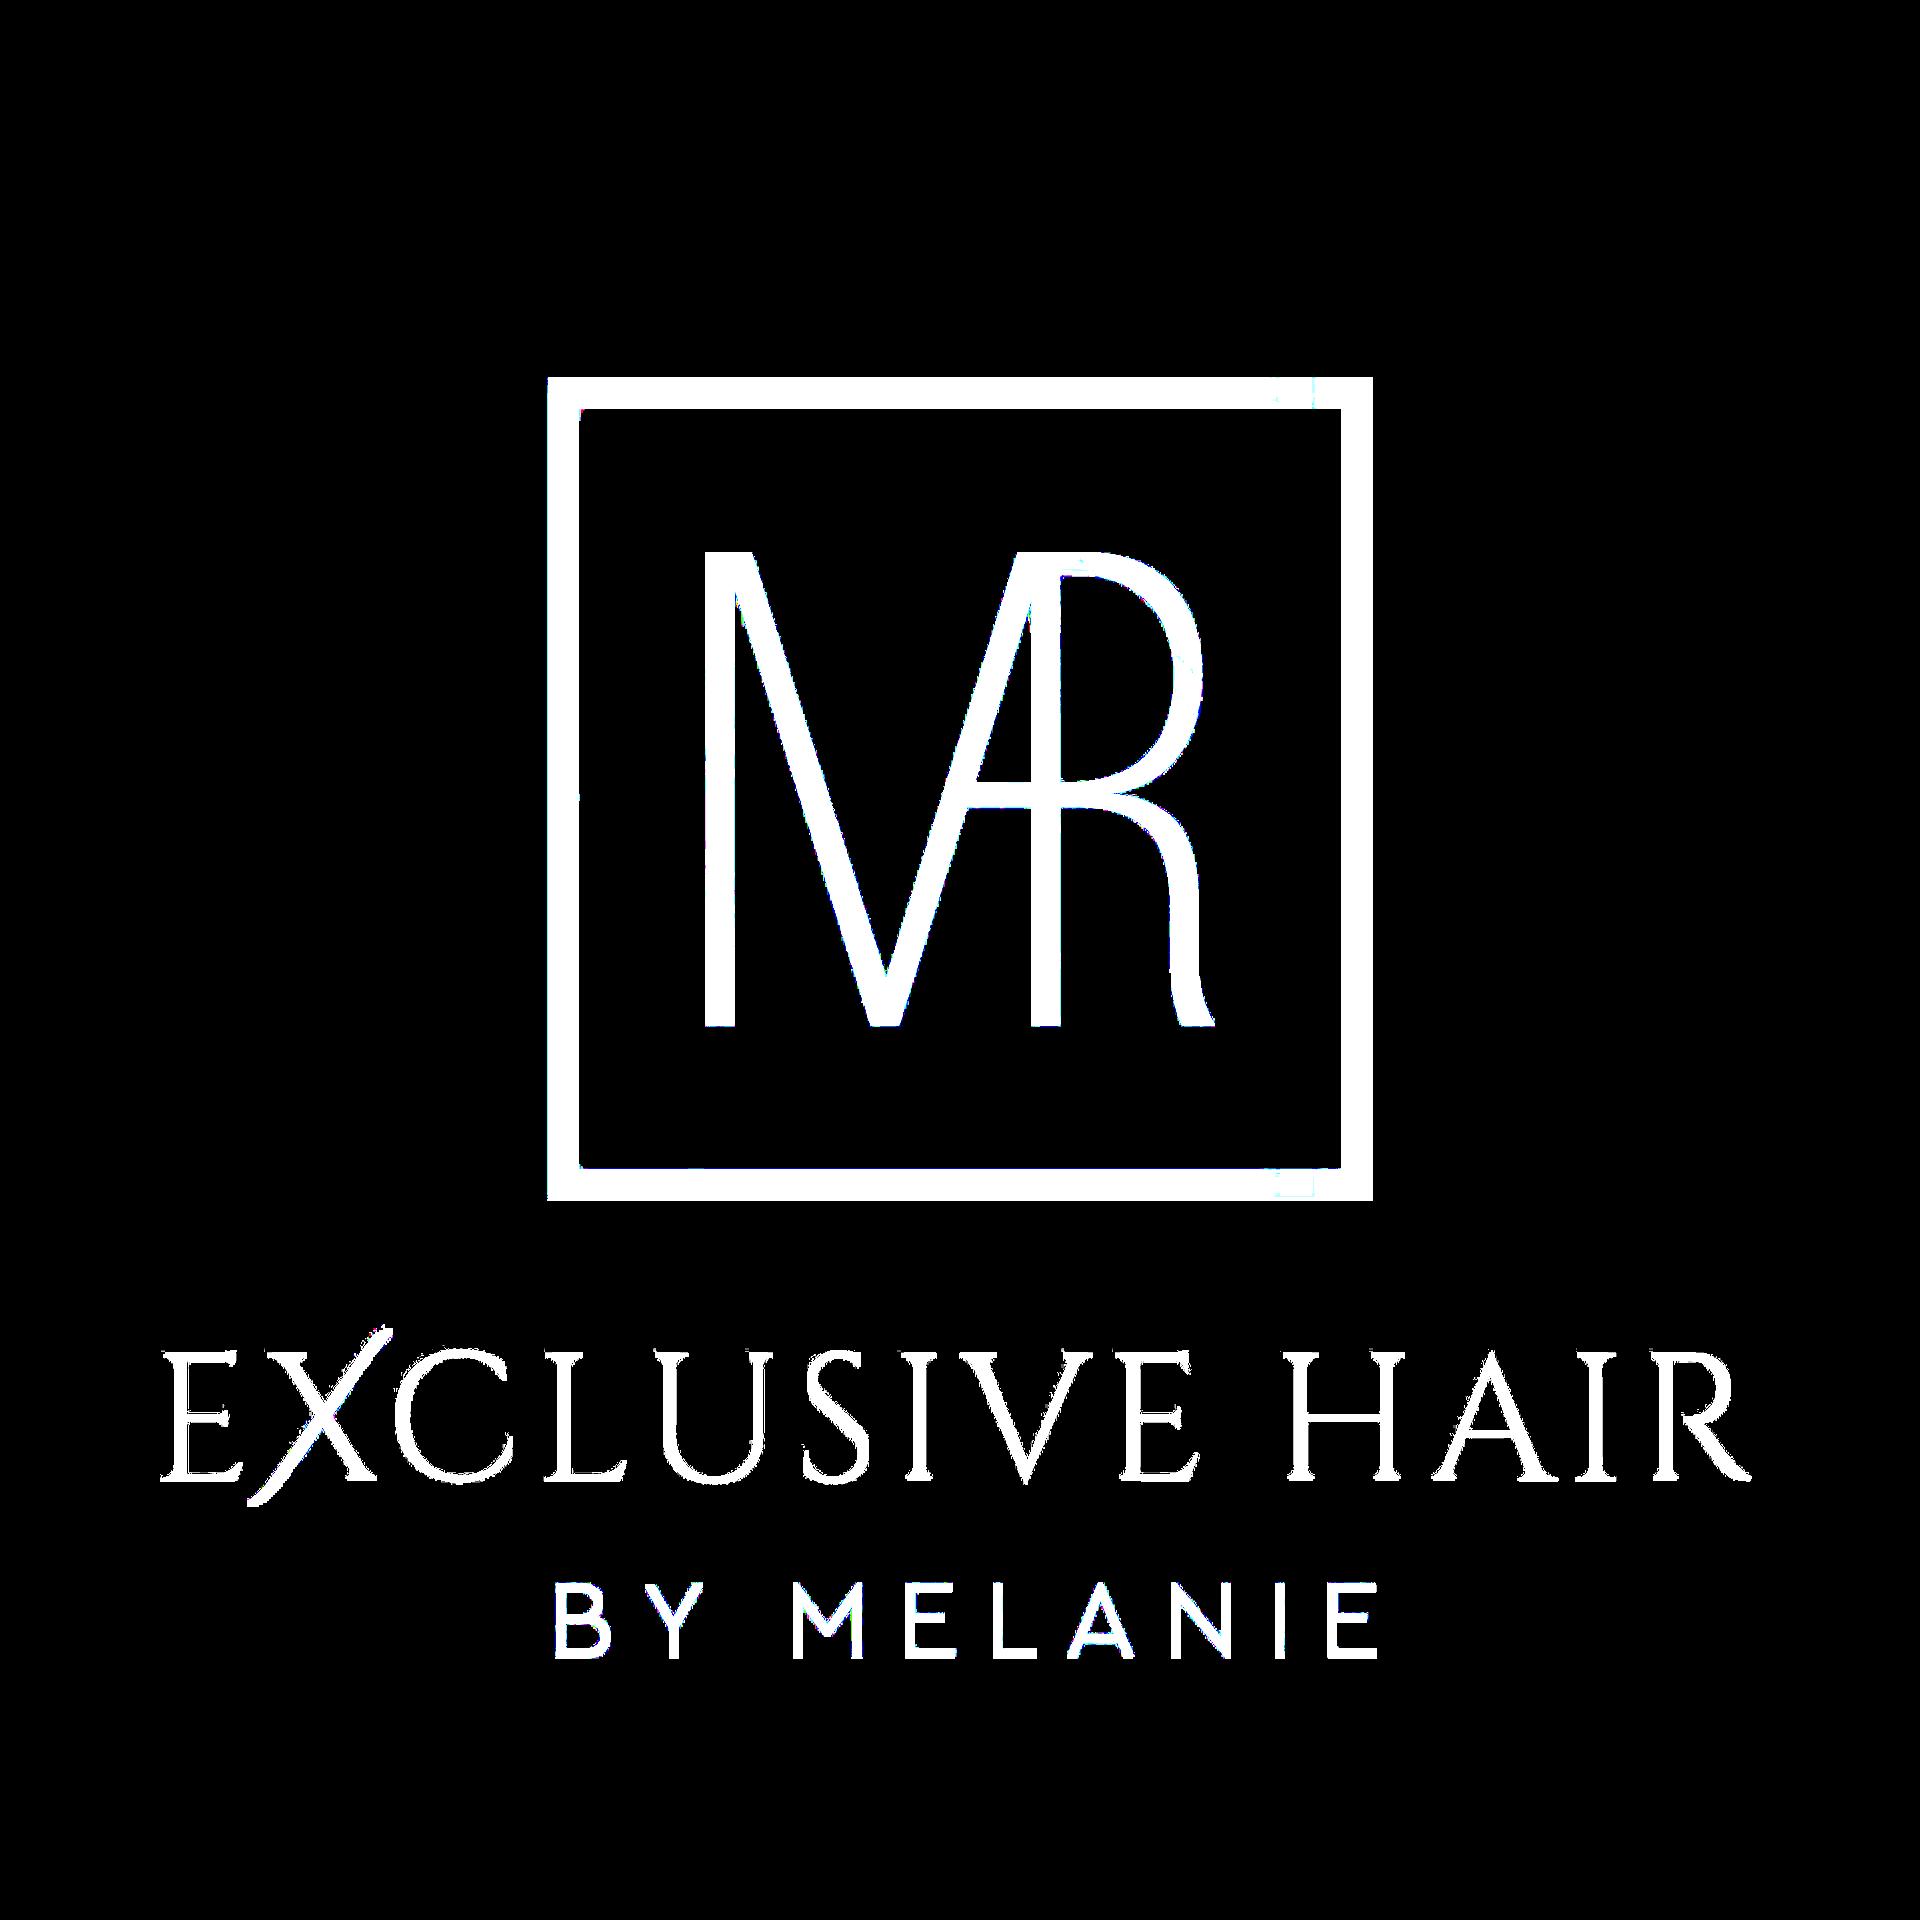 EXCLUSIVE HAIR BY MELANIE